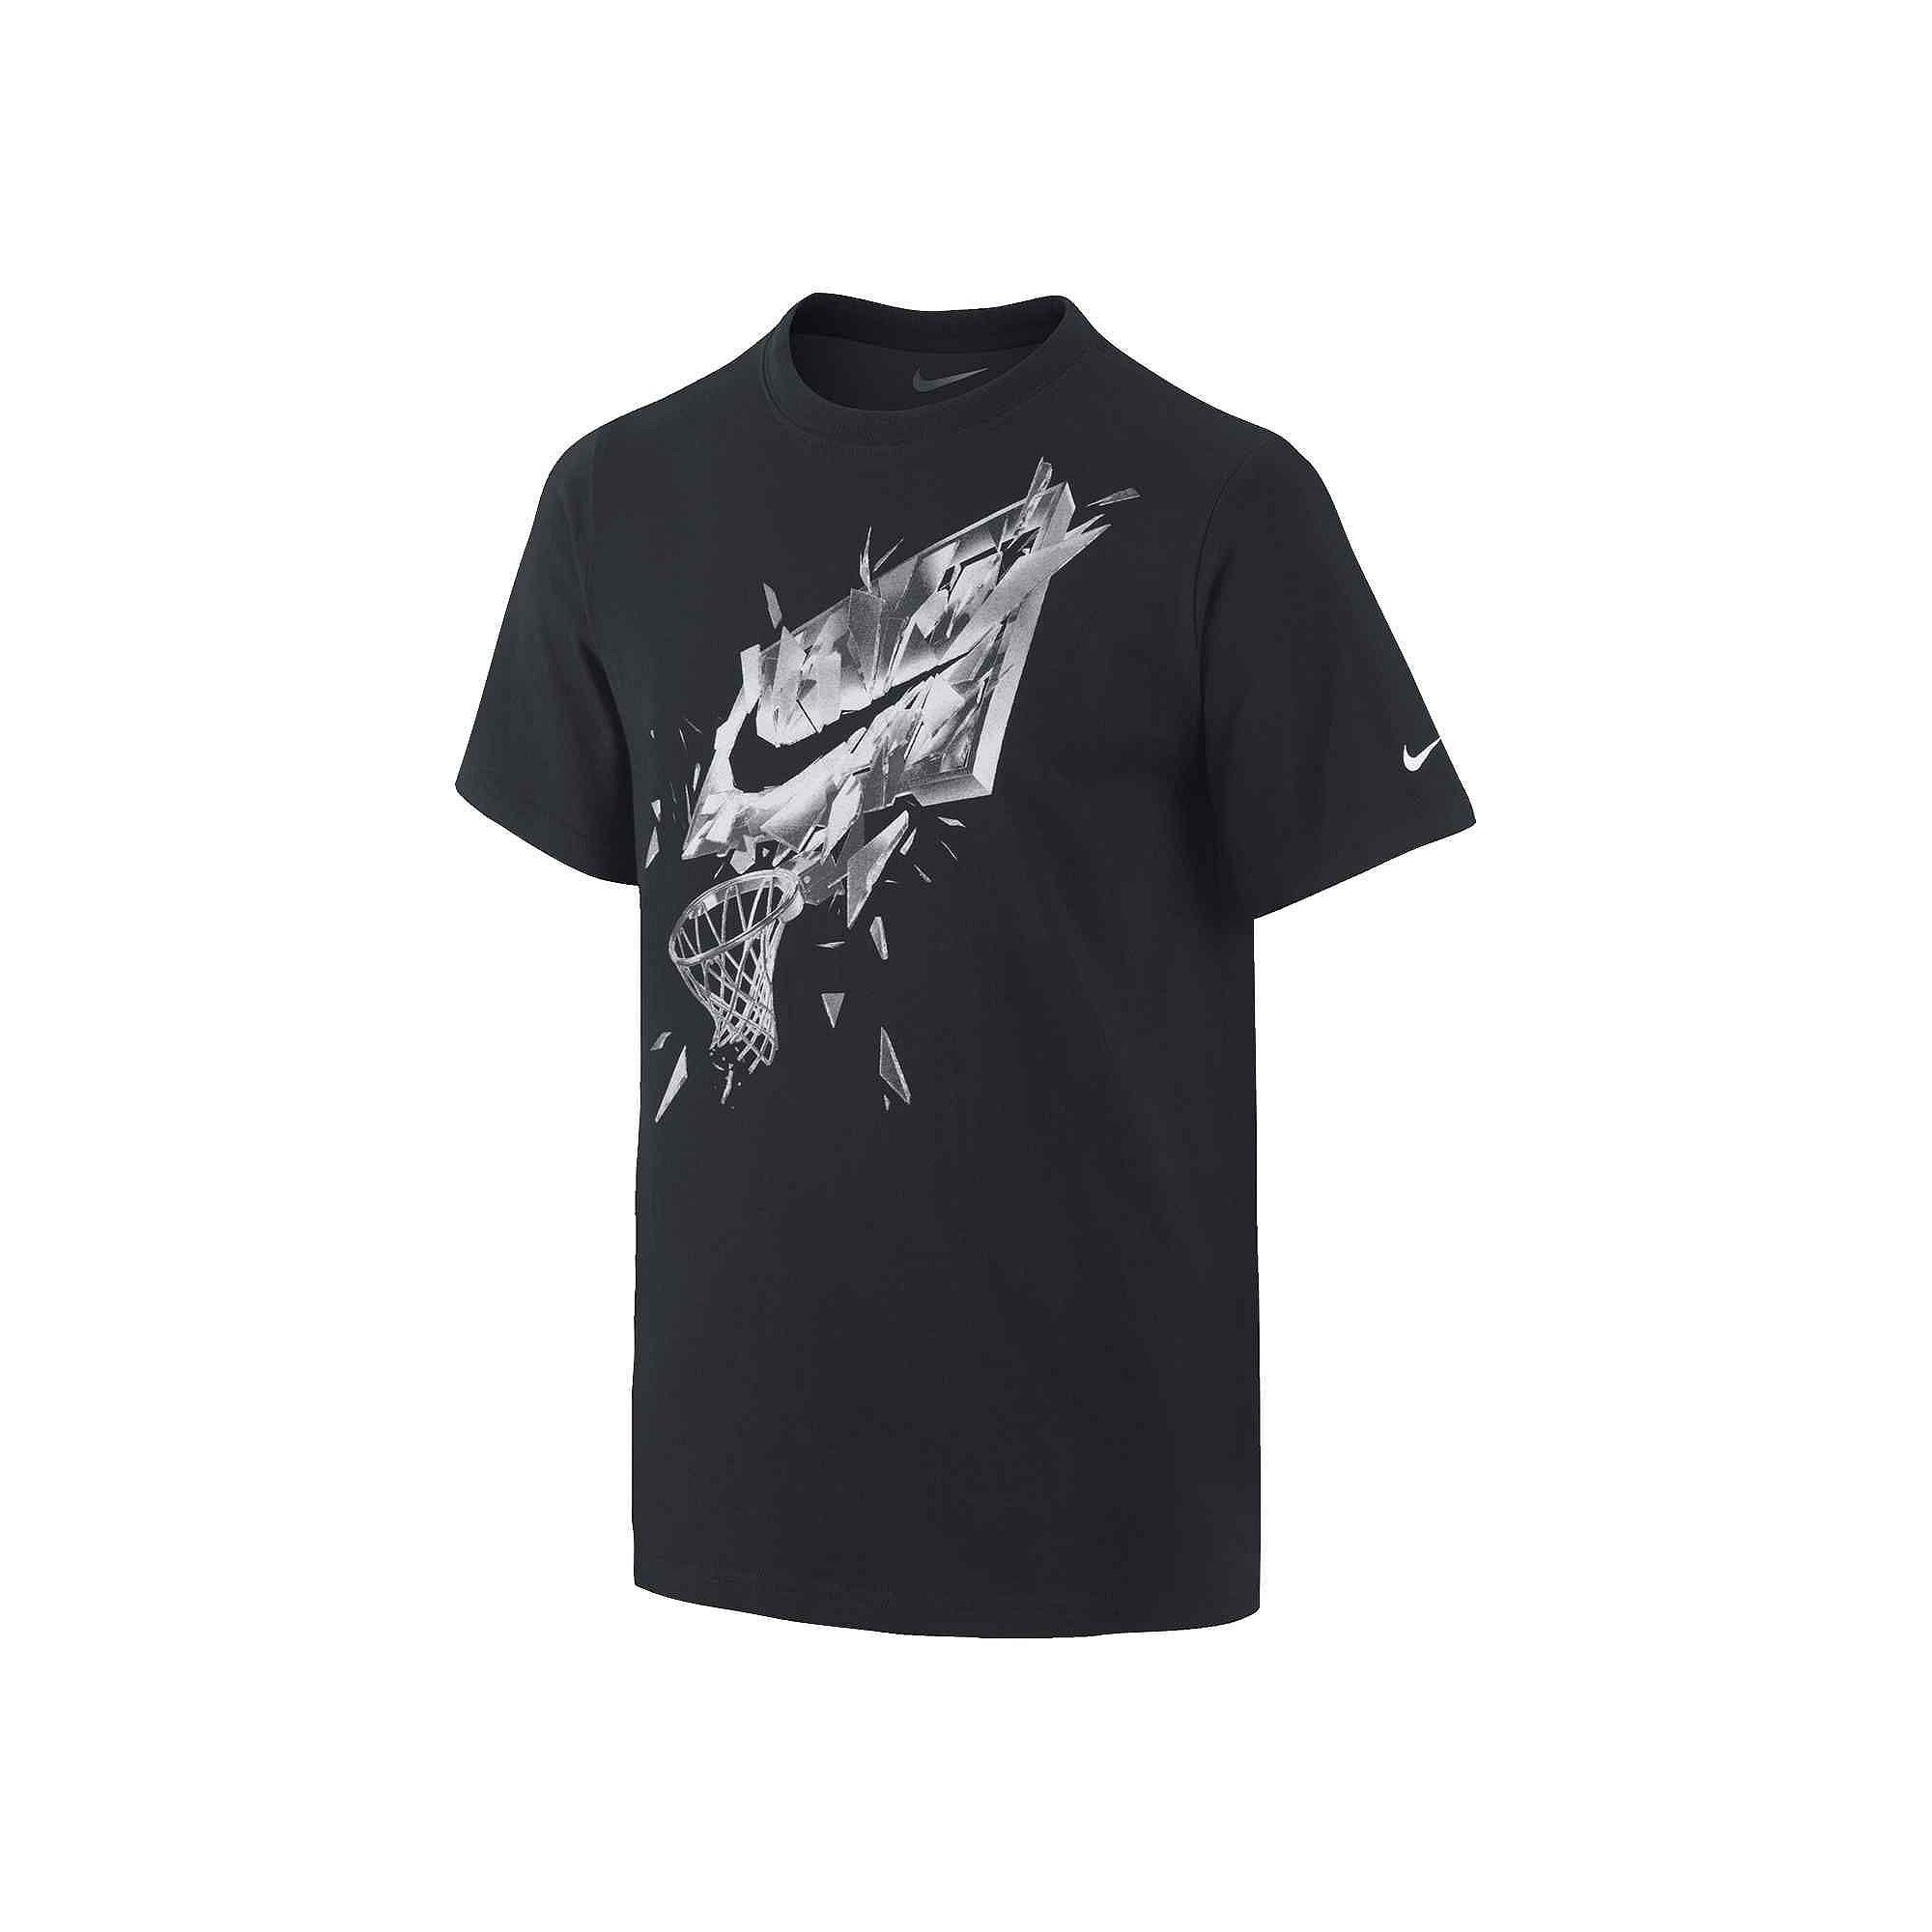 8b394885 UPC 885178581724 product image for Nike Basketball Graphic Tee - Boys 8-20  | upcitemdb ...